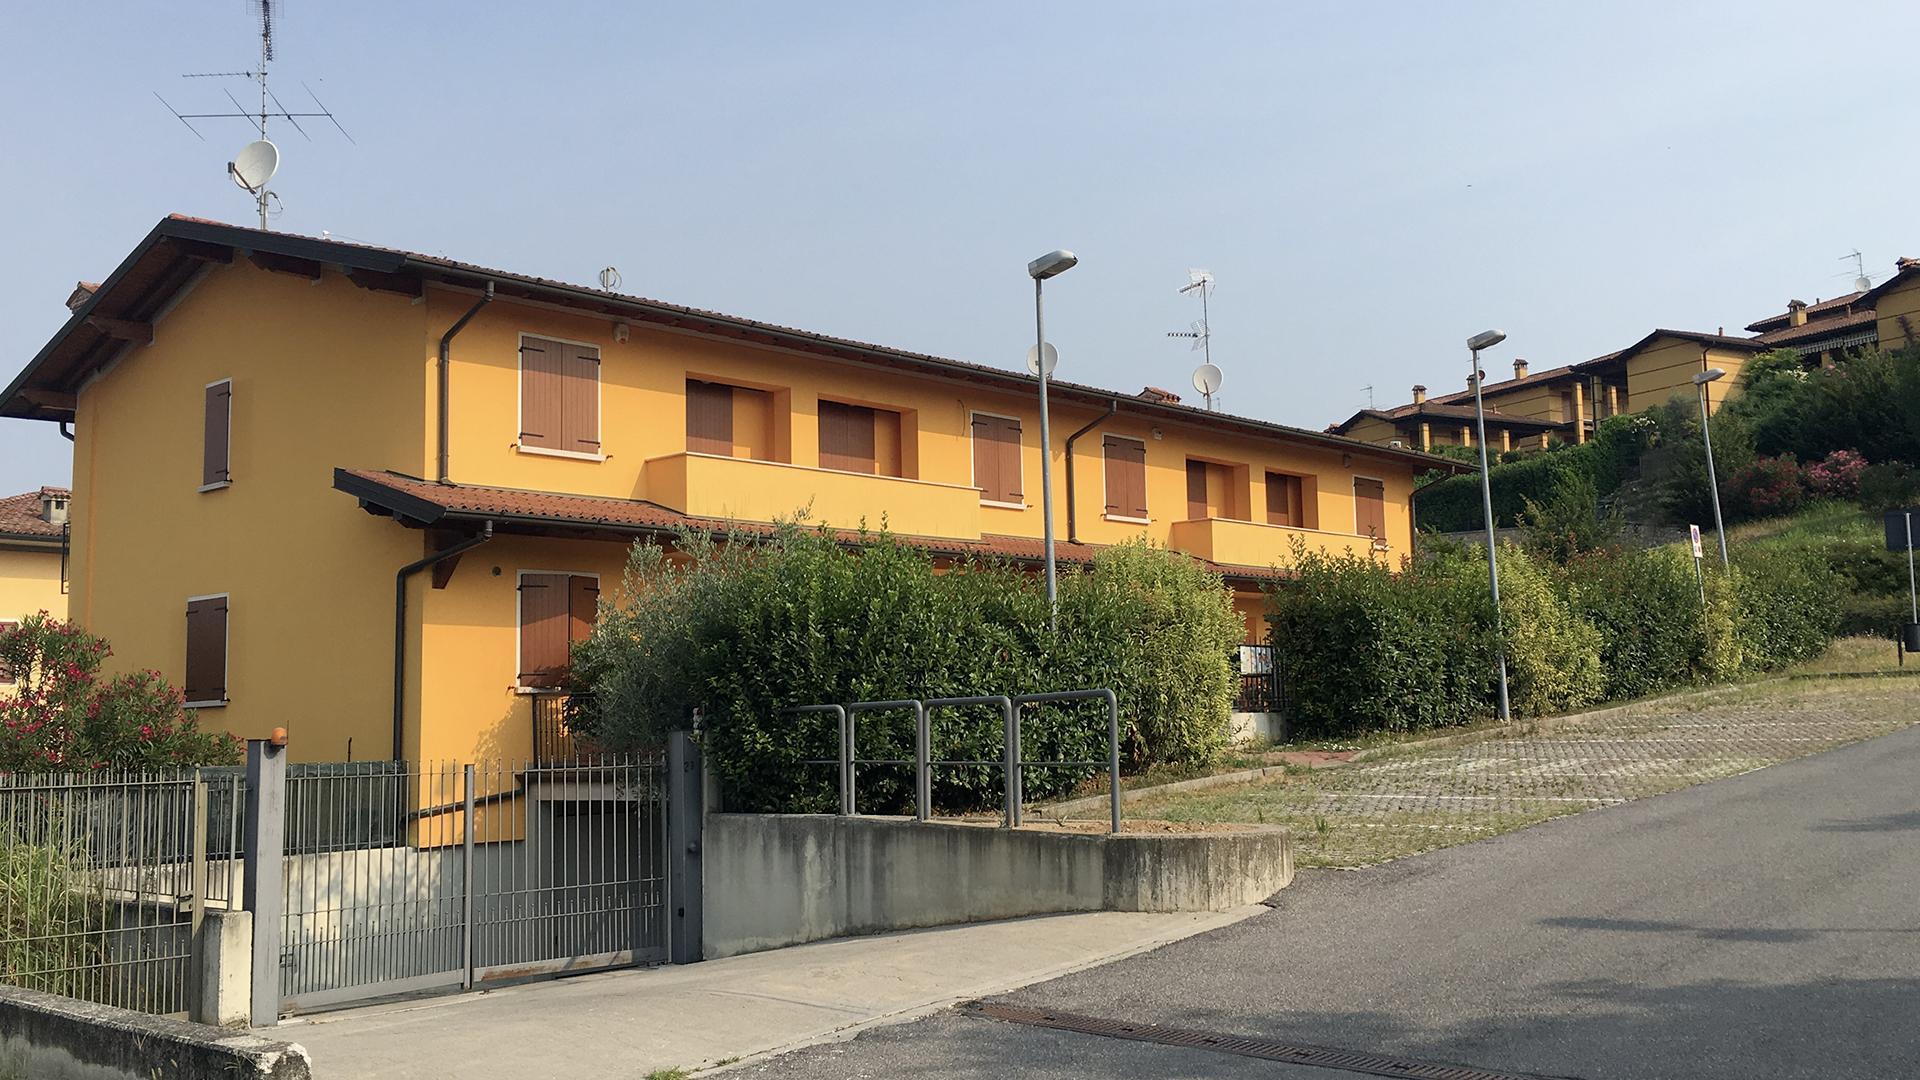 Img-copertina_Via-dei-Ronchi